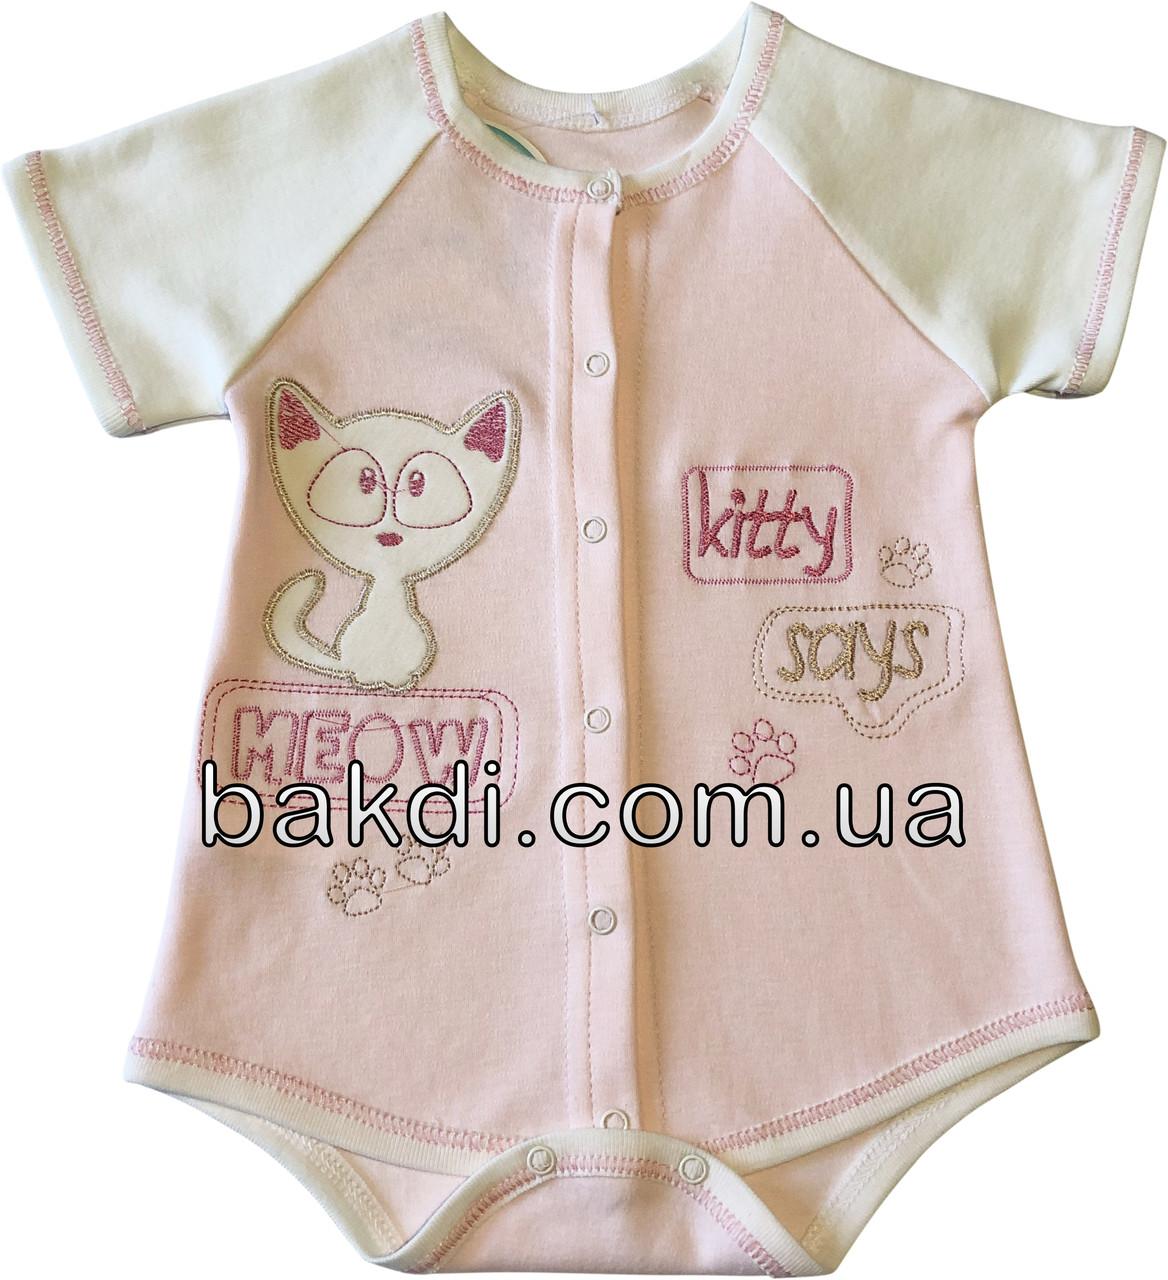 Детское летнее боди рост 74 6-9 мес трикотажное интерлок розовое на девочку бодик с коротким рукавом для новорожденных малышей СН117